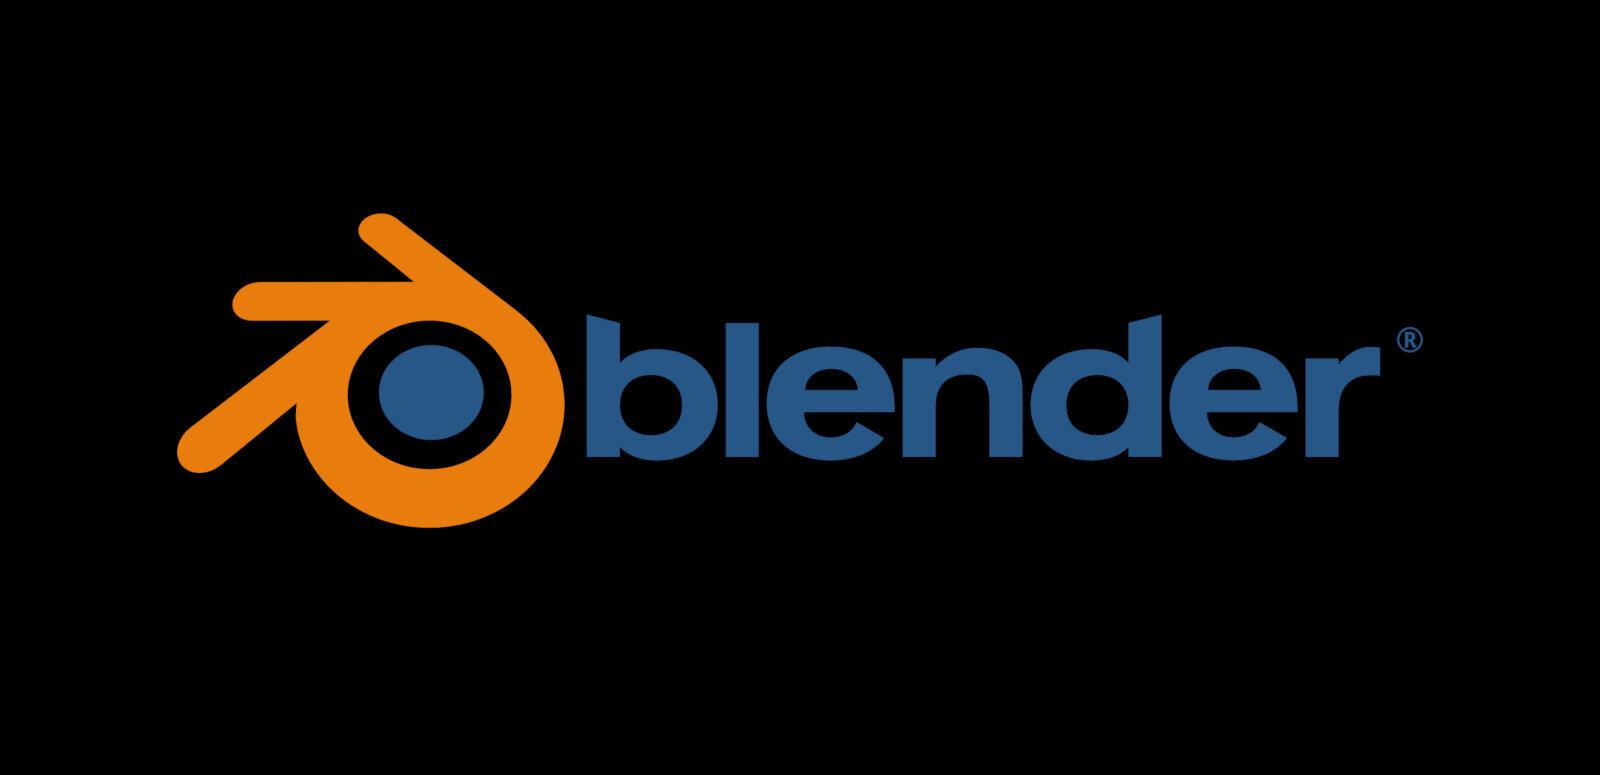 Blender 2.82 met l'accent sur la physique, accélération du denoising par les GeForce RTX #IH